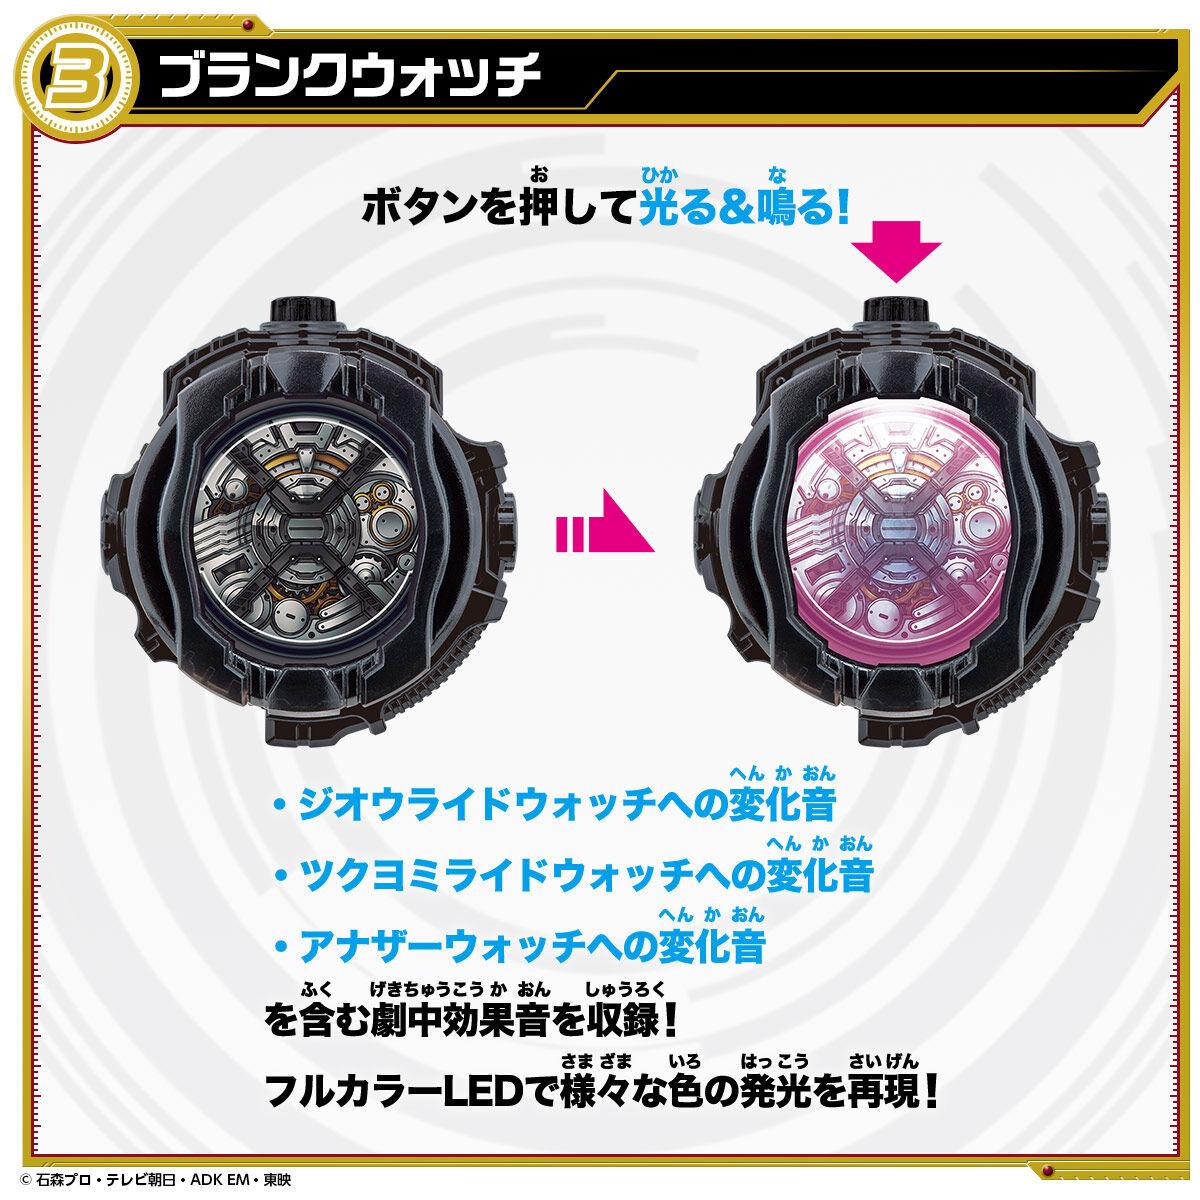 【限定販売】仮面ライダージオウ『DXライドウォッチ クォーツァーセット01』変身なりきり-013